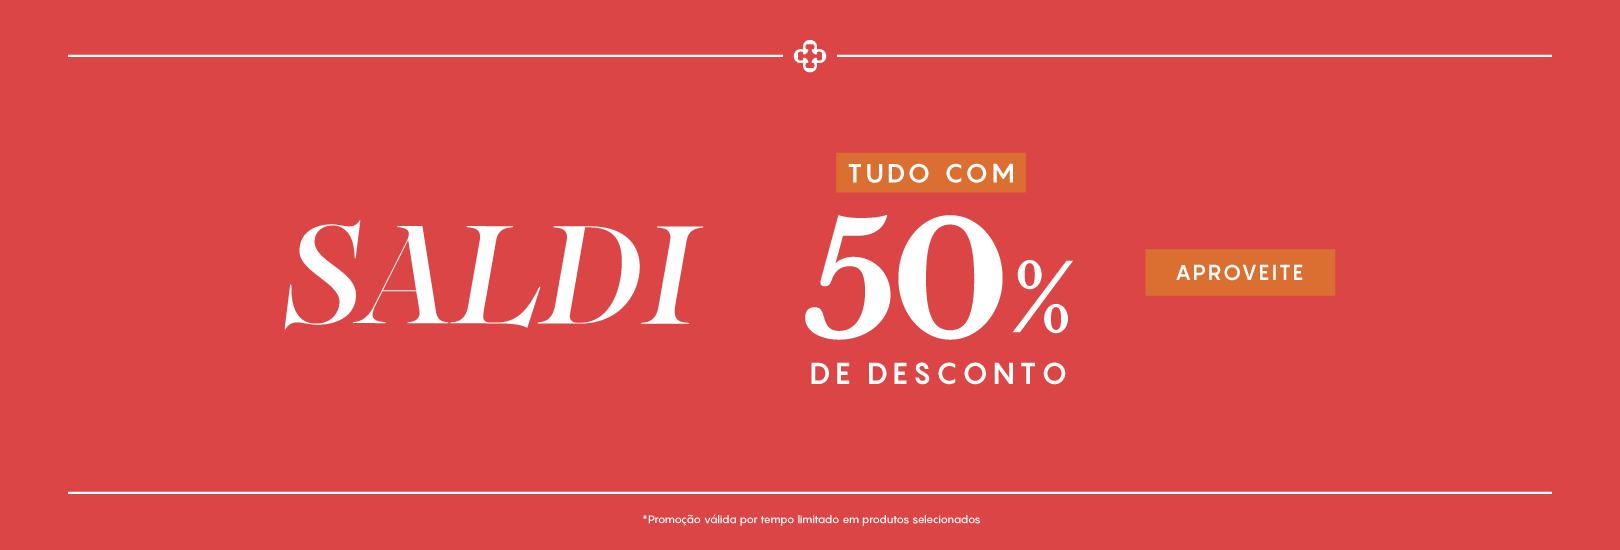 R1 - SALDI 50%